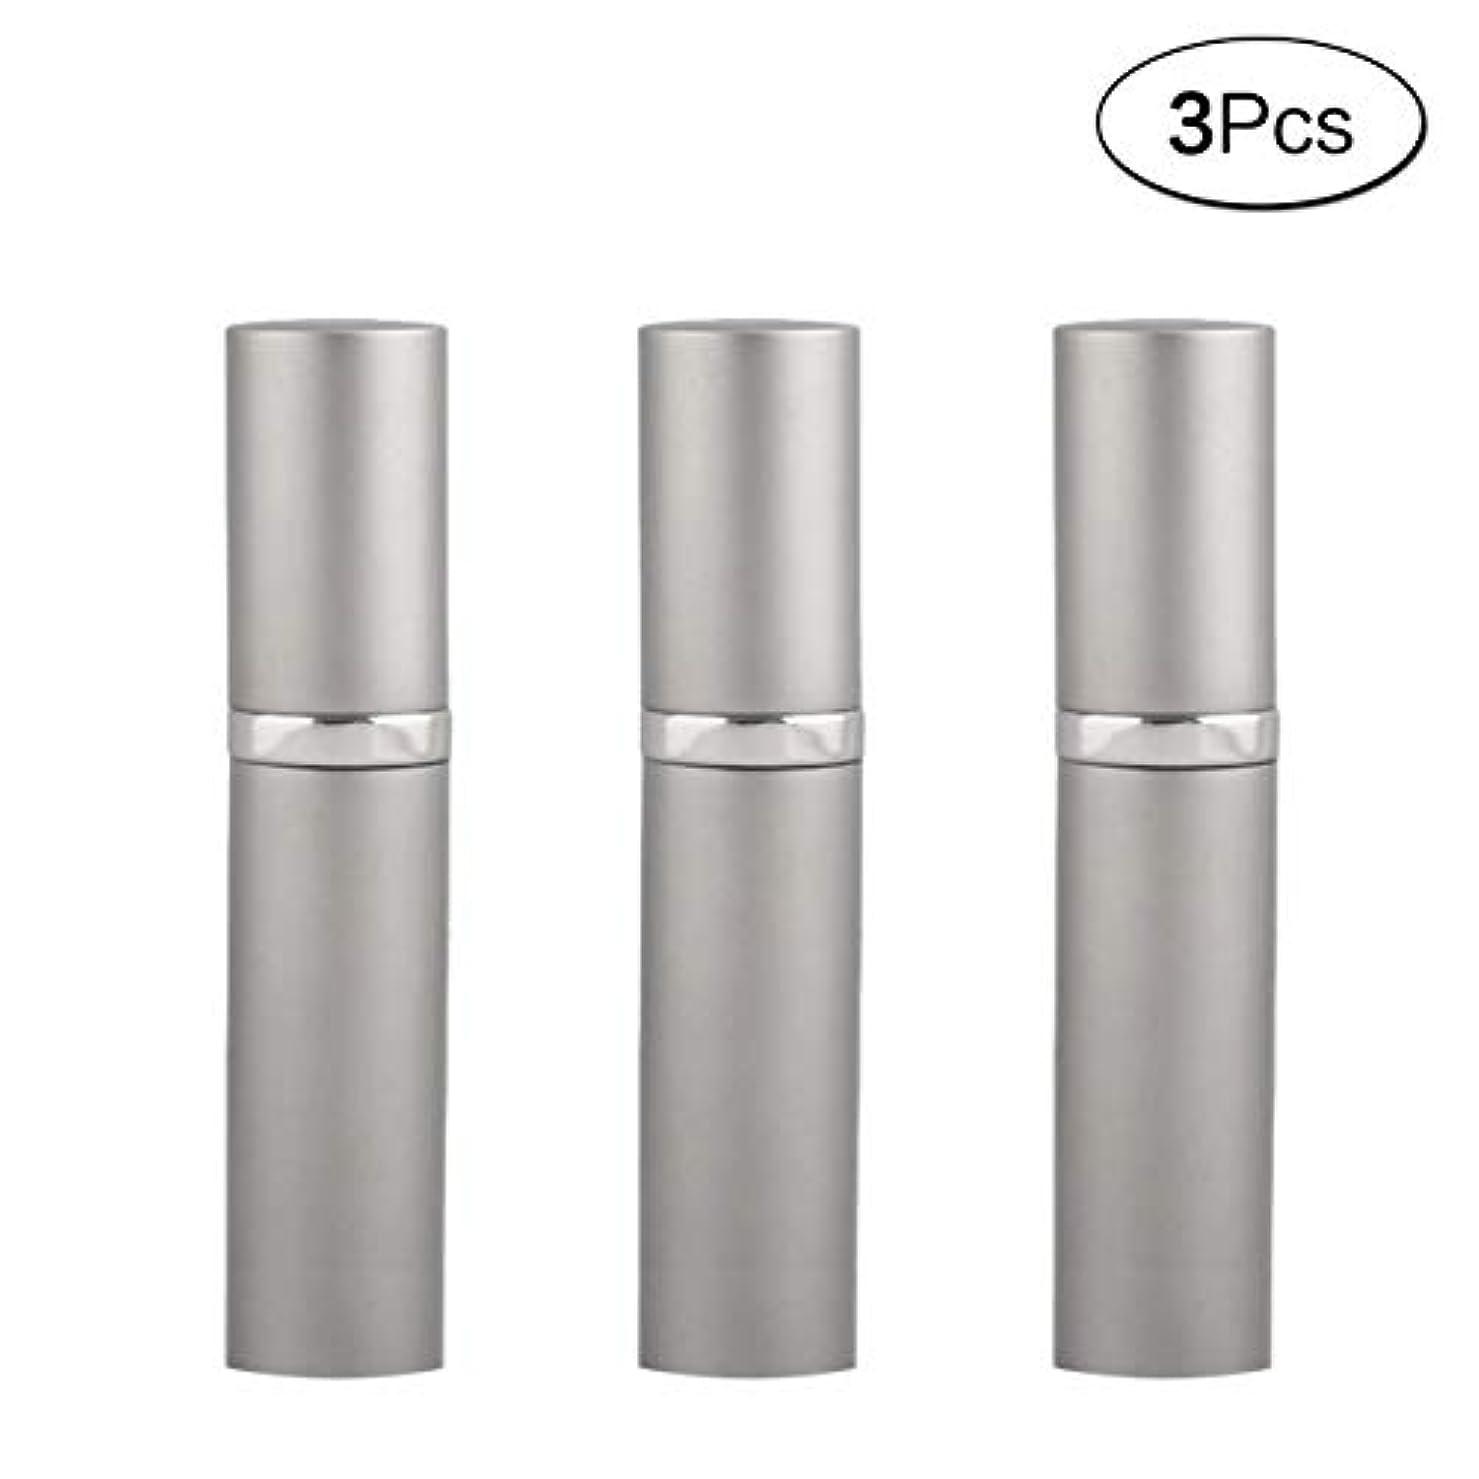 ロック解除横たわるより多い5ML アトマイザ- 詰め替え ポータブル クイック 香水噴霧器 携帯用 詰め替え容器 (グレ-Gray) 3本